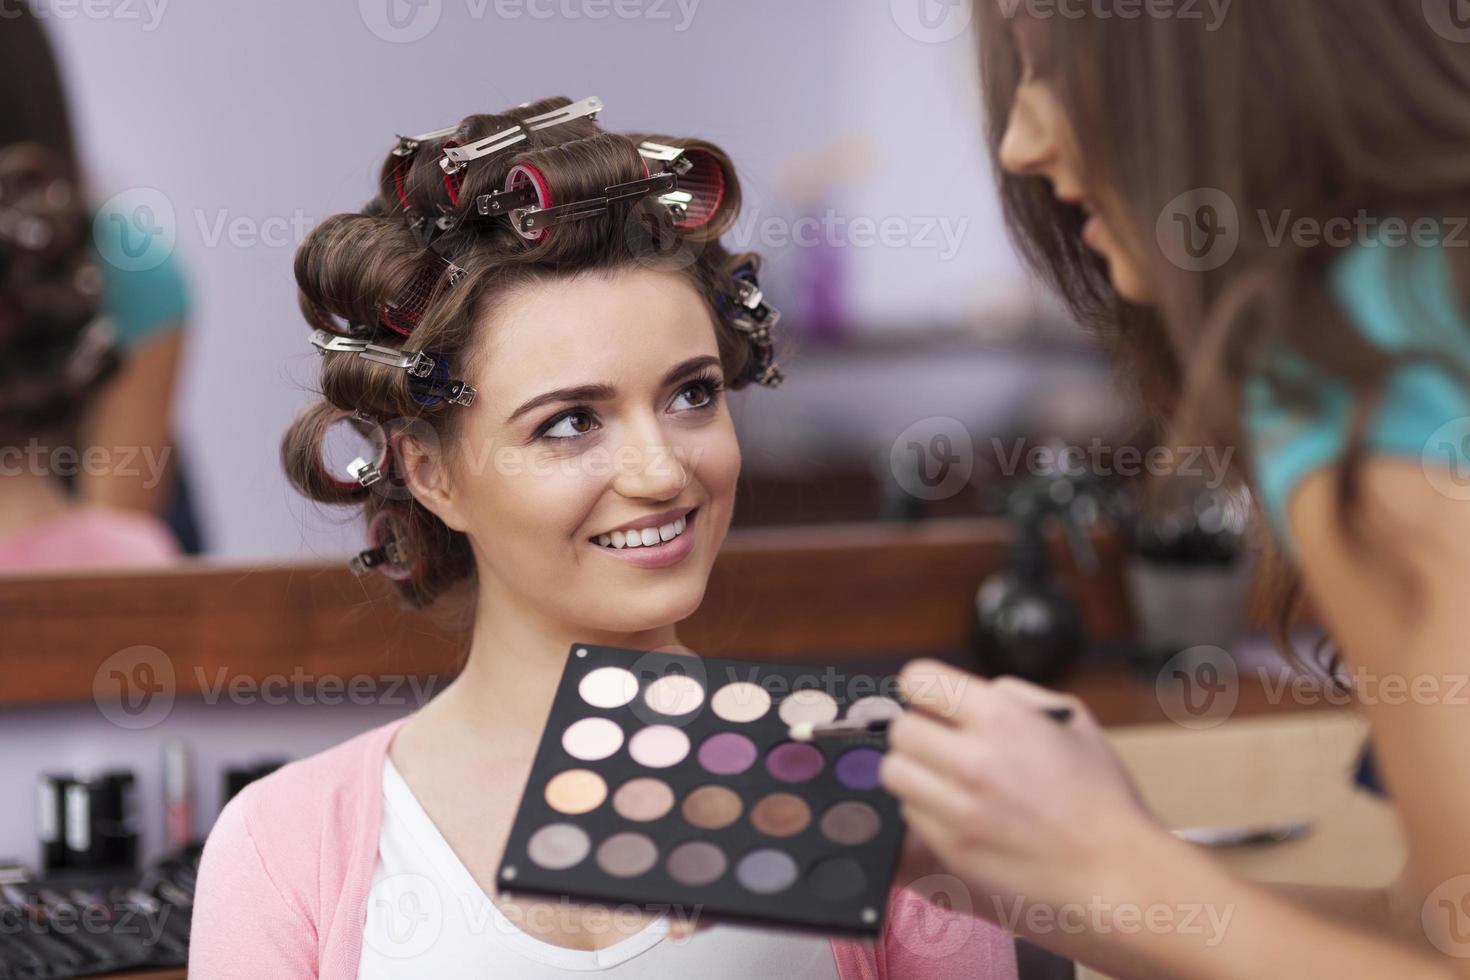 hermosa mujer tiene su propio estilista foto